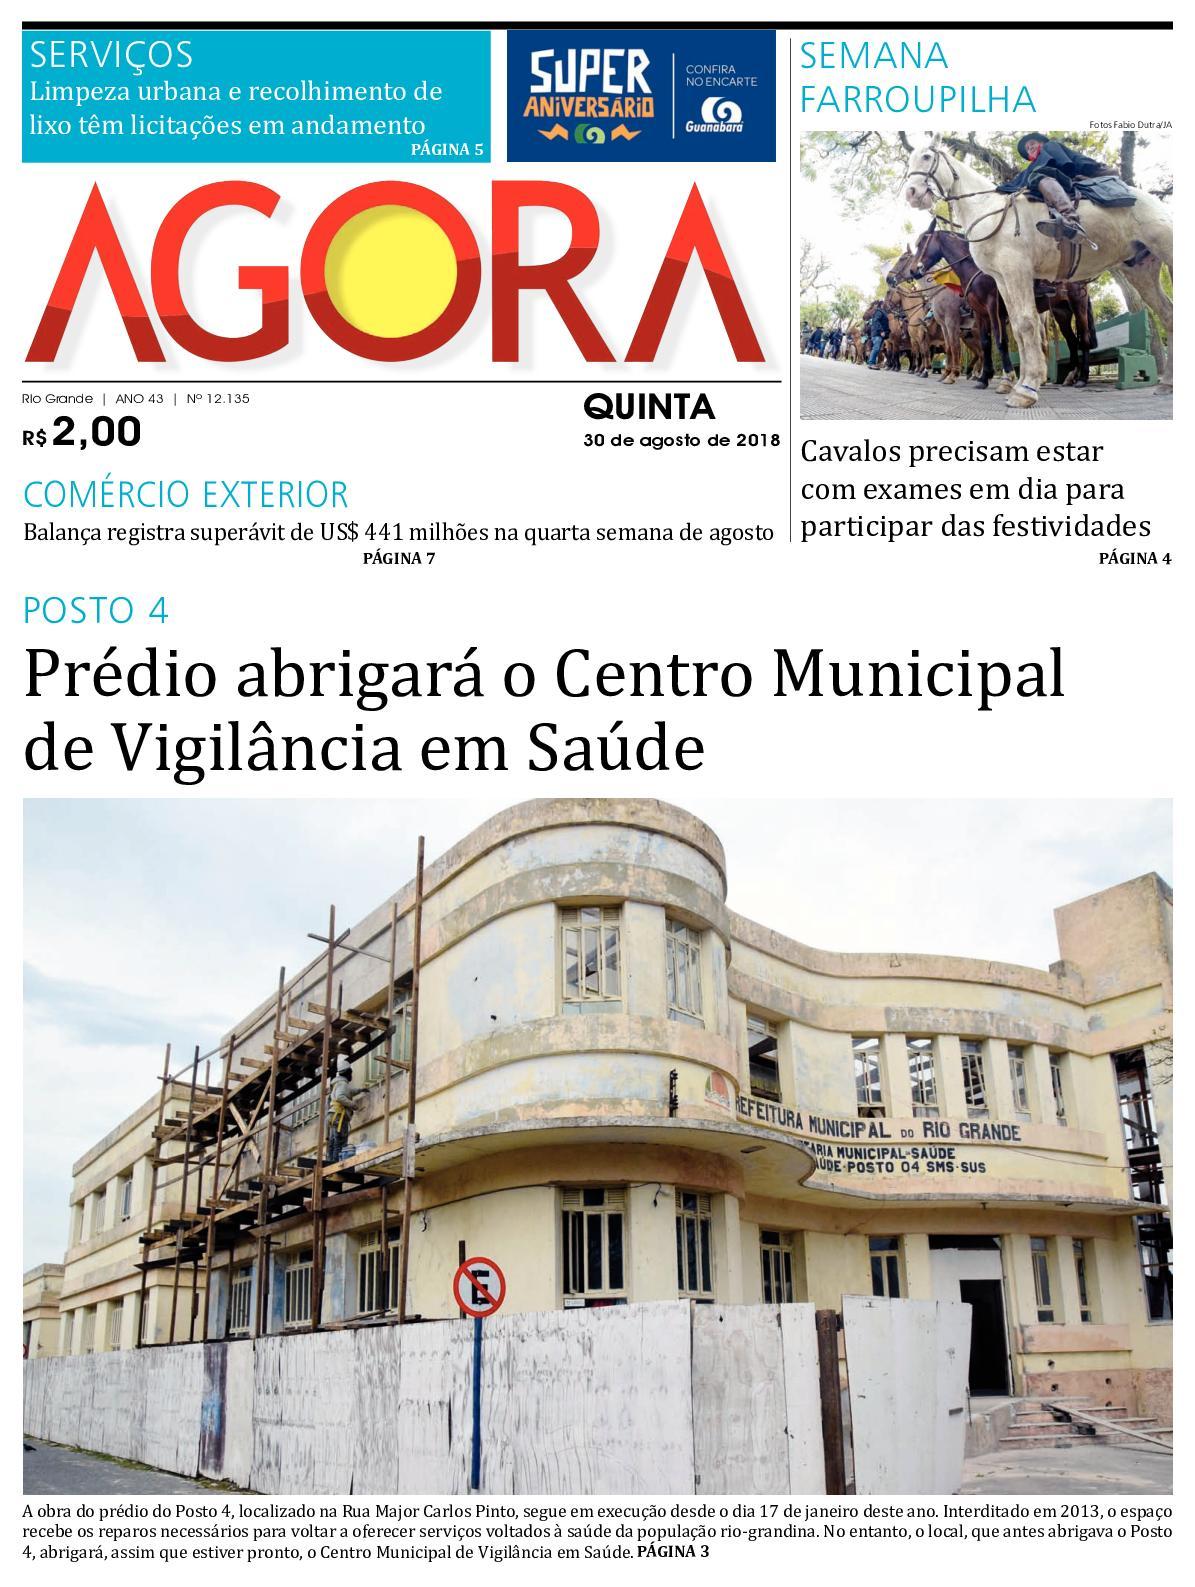 Calaméo - Jornal Agora - Edição 12135 - 30 de Agosto de 2018 797e0f6a36